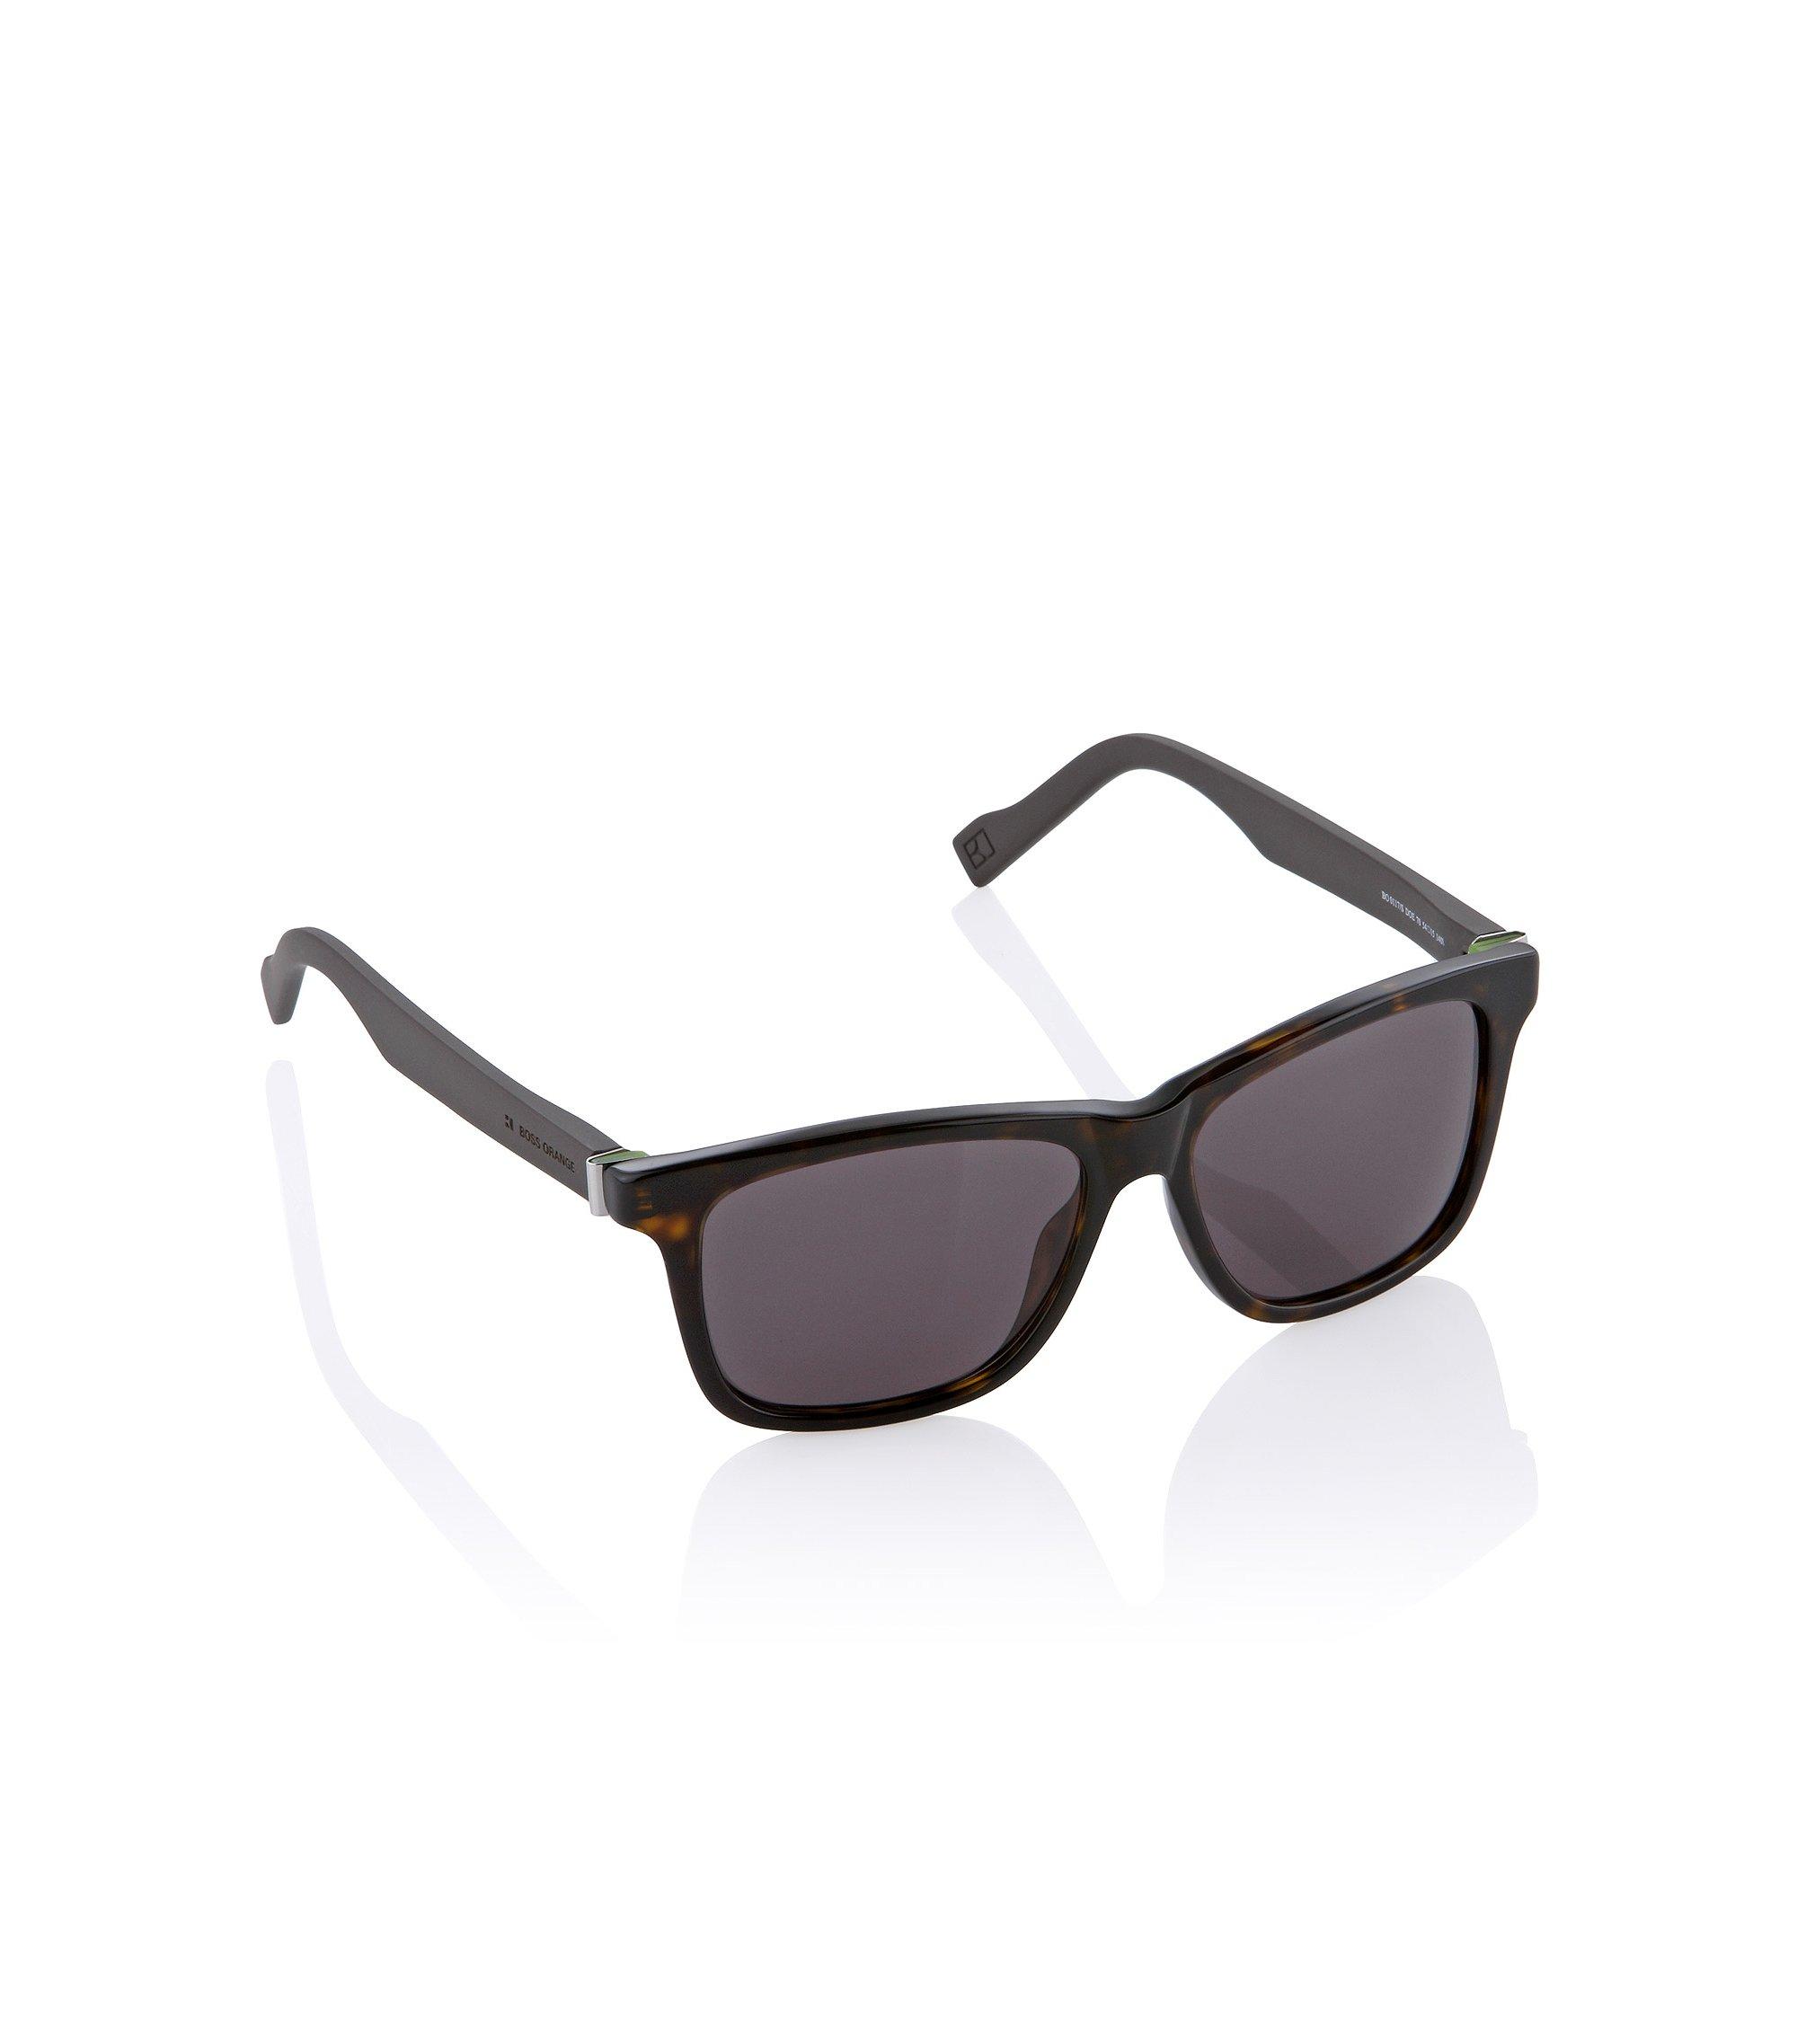 80s Sonnenbrille ´BO 0117/S` mit Farbverlauf, Assorted-Pre-Pack